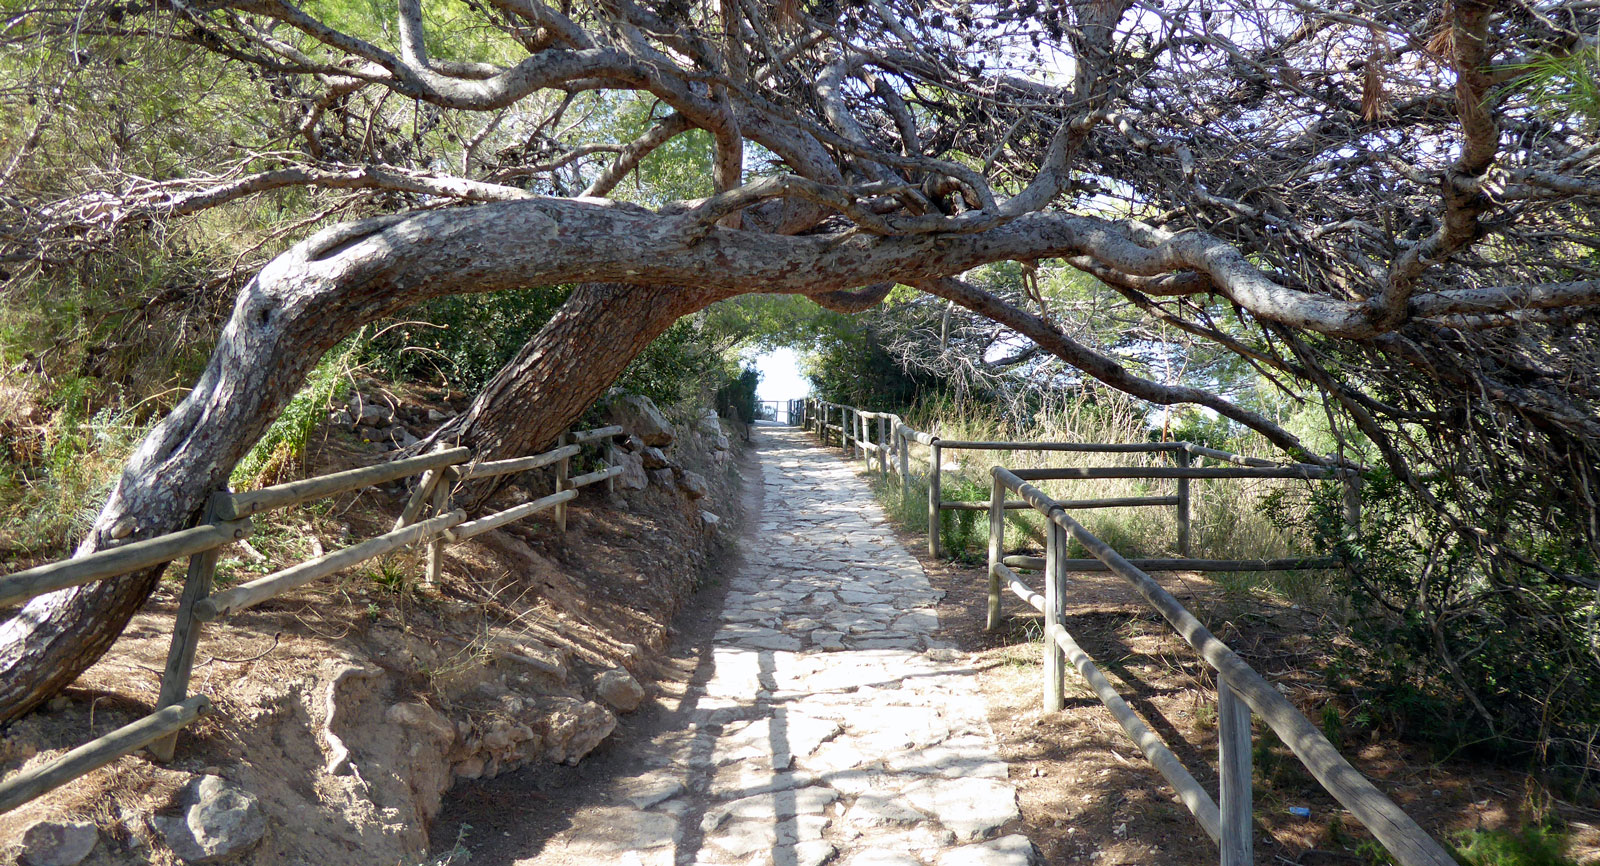 Den första etappen av vandringen uppför den 332meter höga klippan går på en stensatt stig.